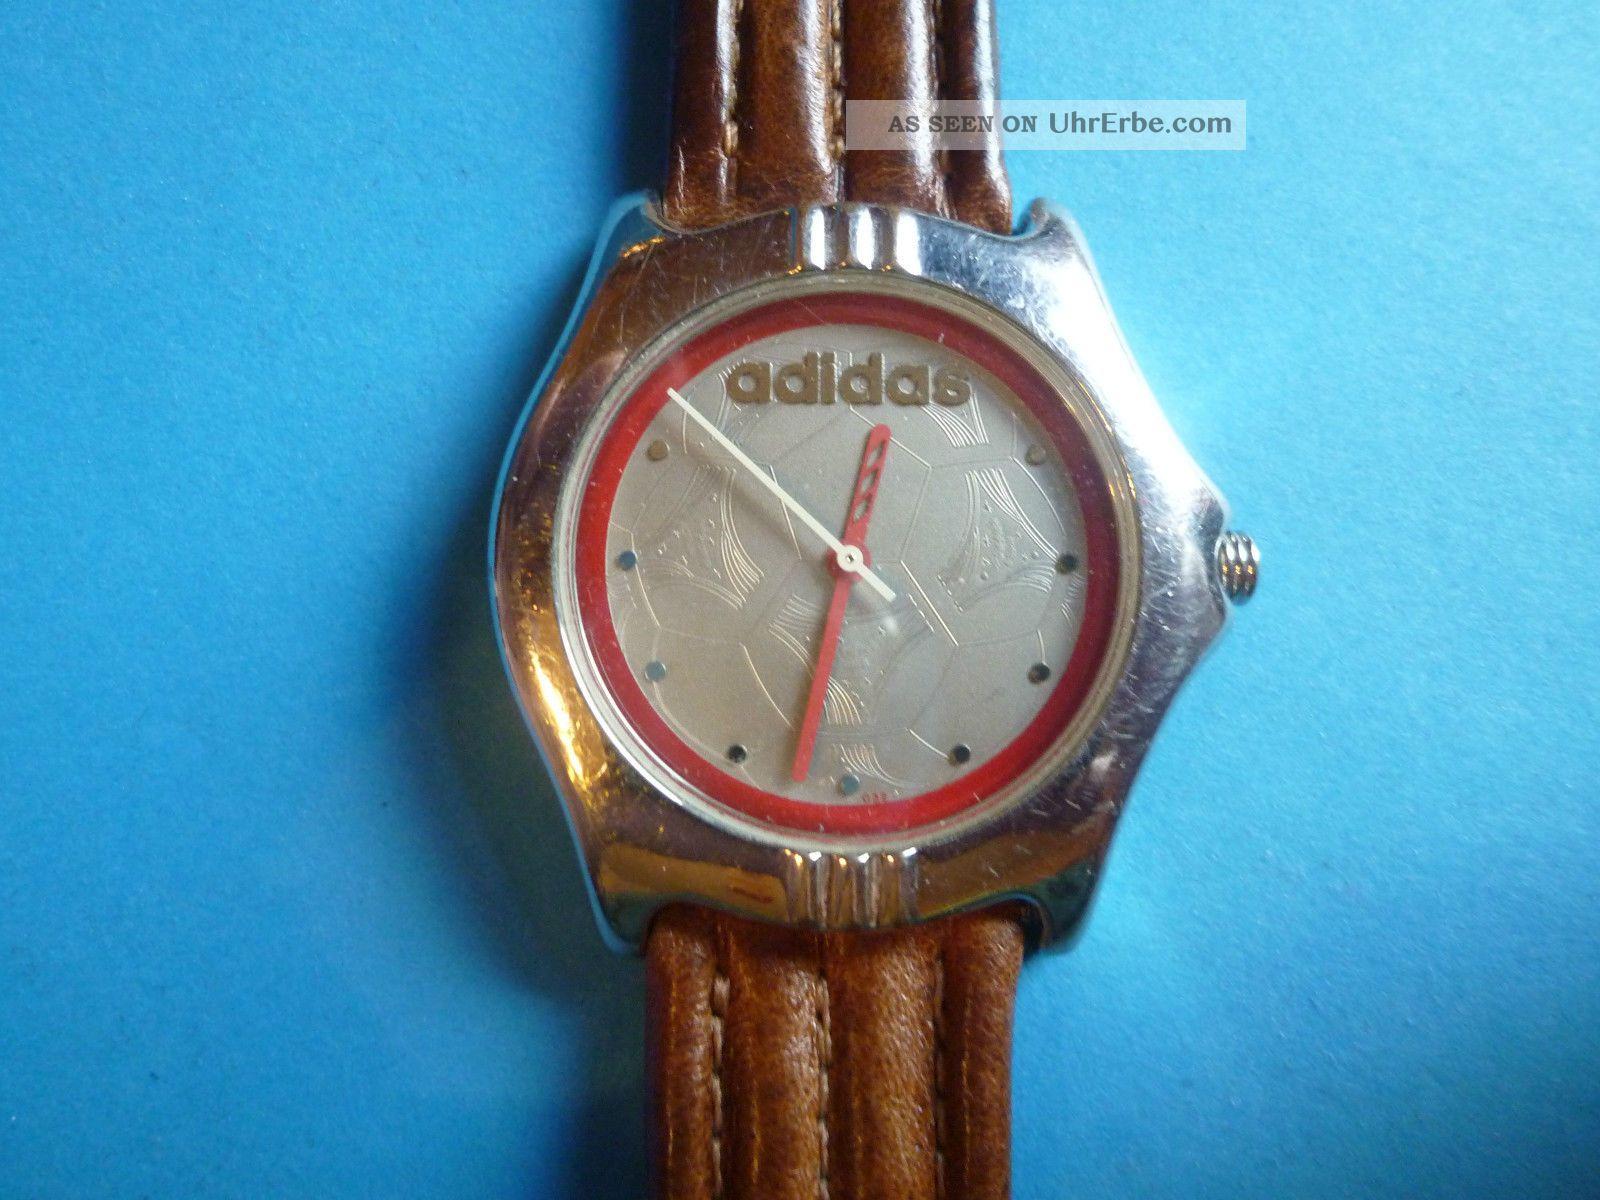 Ältere Armband Uhr Von Adidas Mit Lederband.  Die Uhr Läuft Armbanduhren Bild